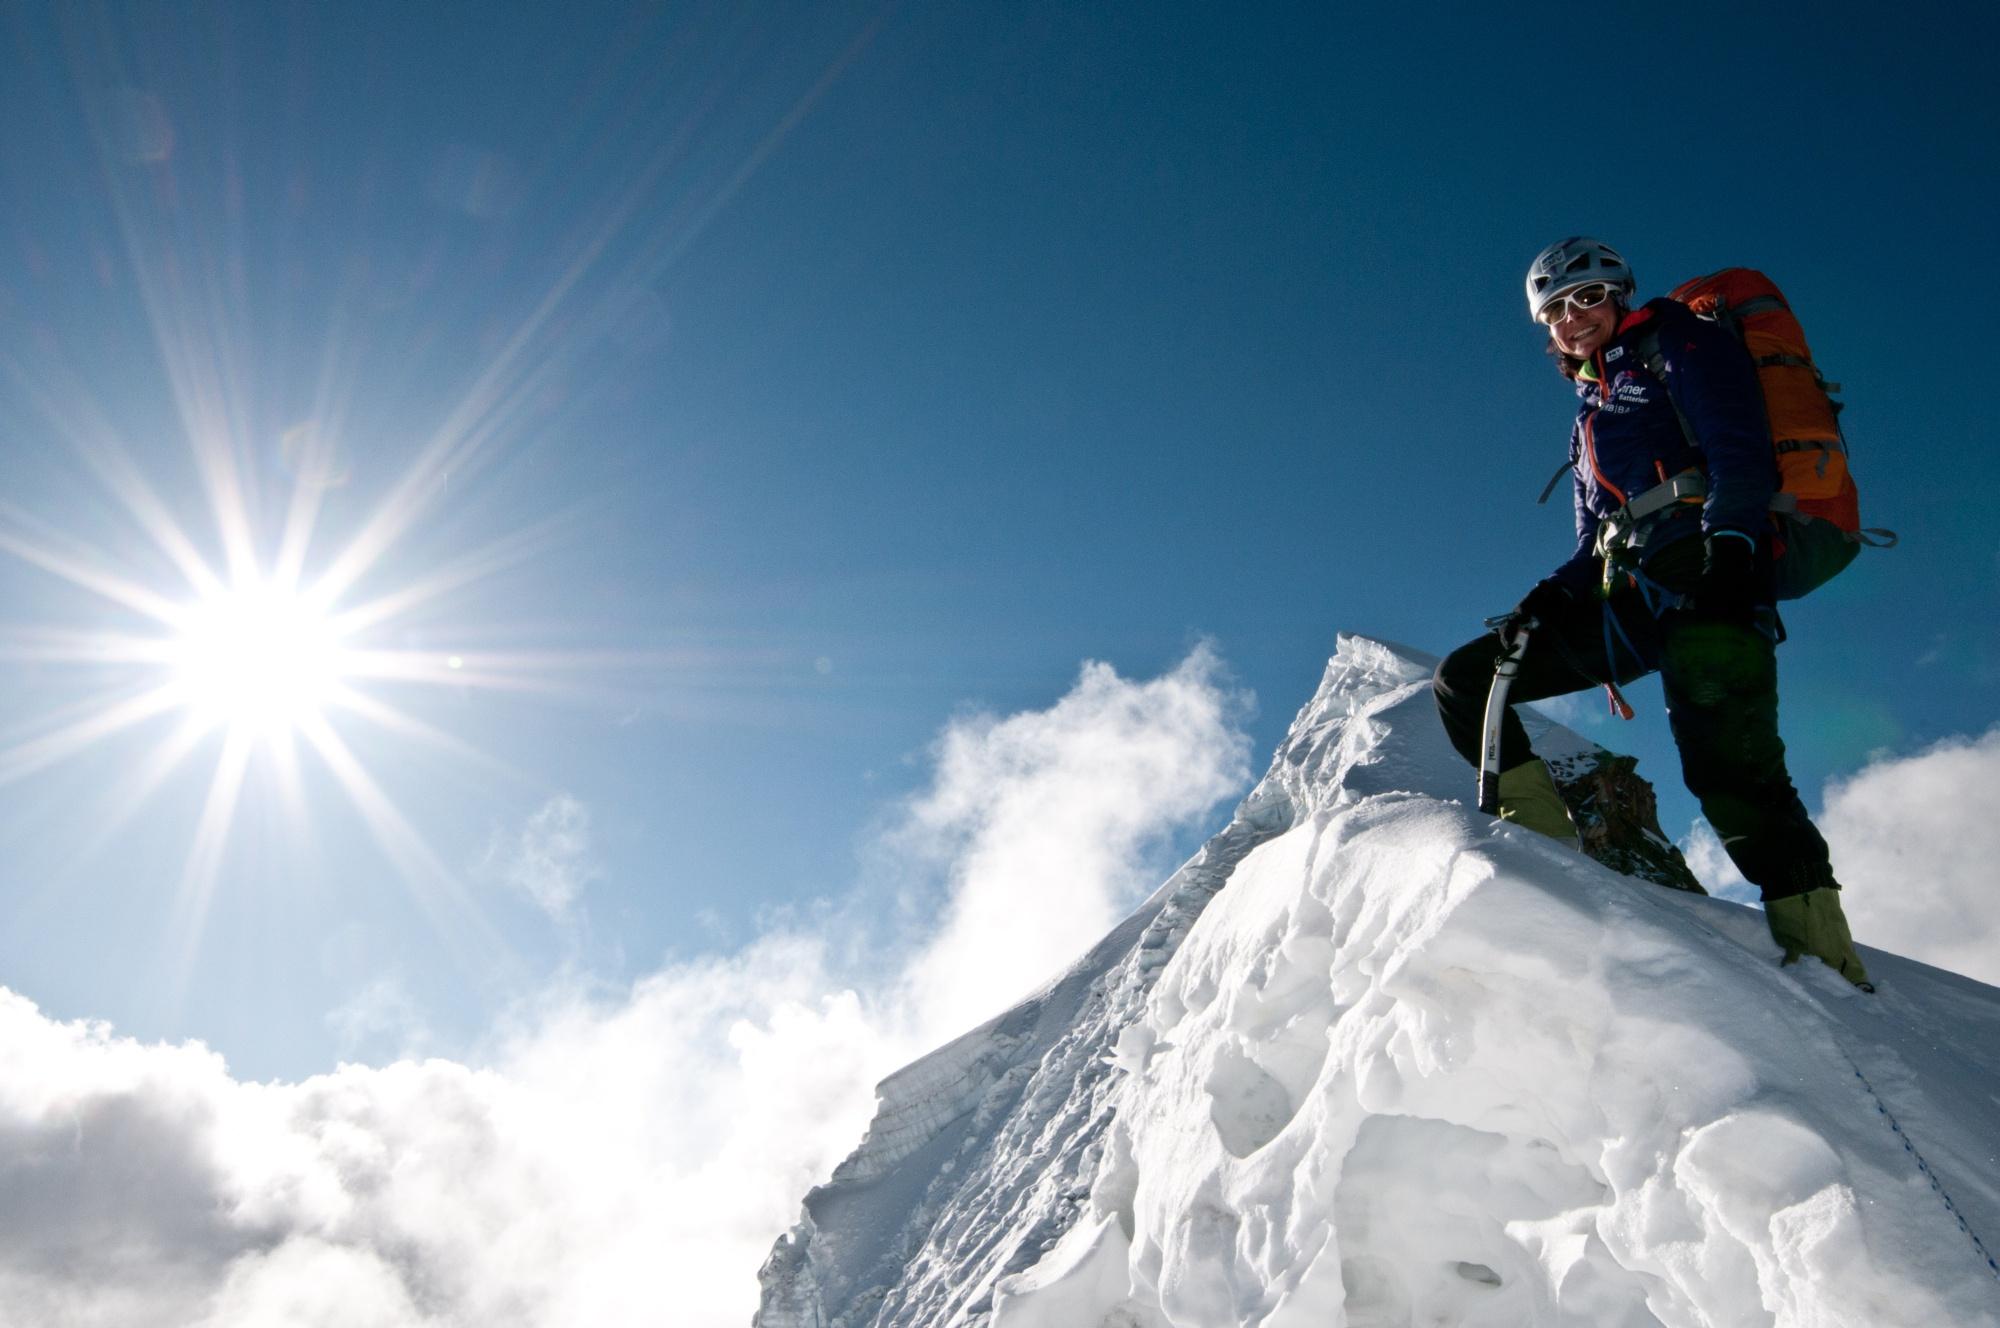 Alpines Erlebnis mit Schöffel zu gewinnen!